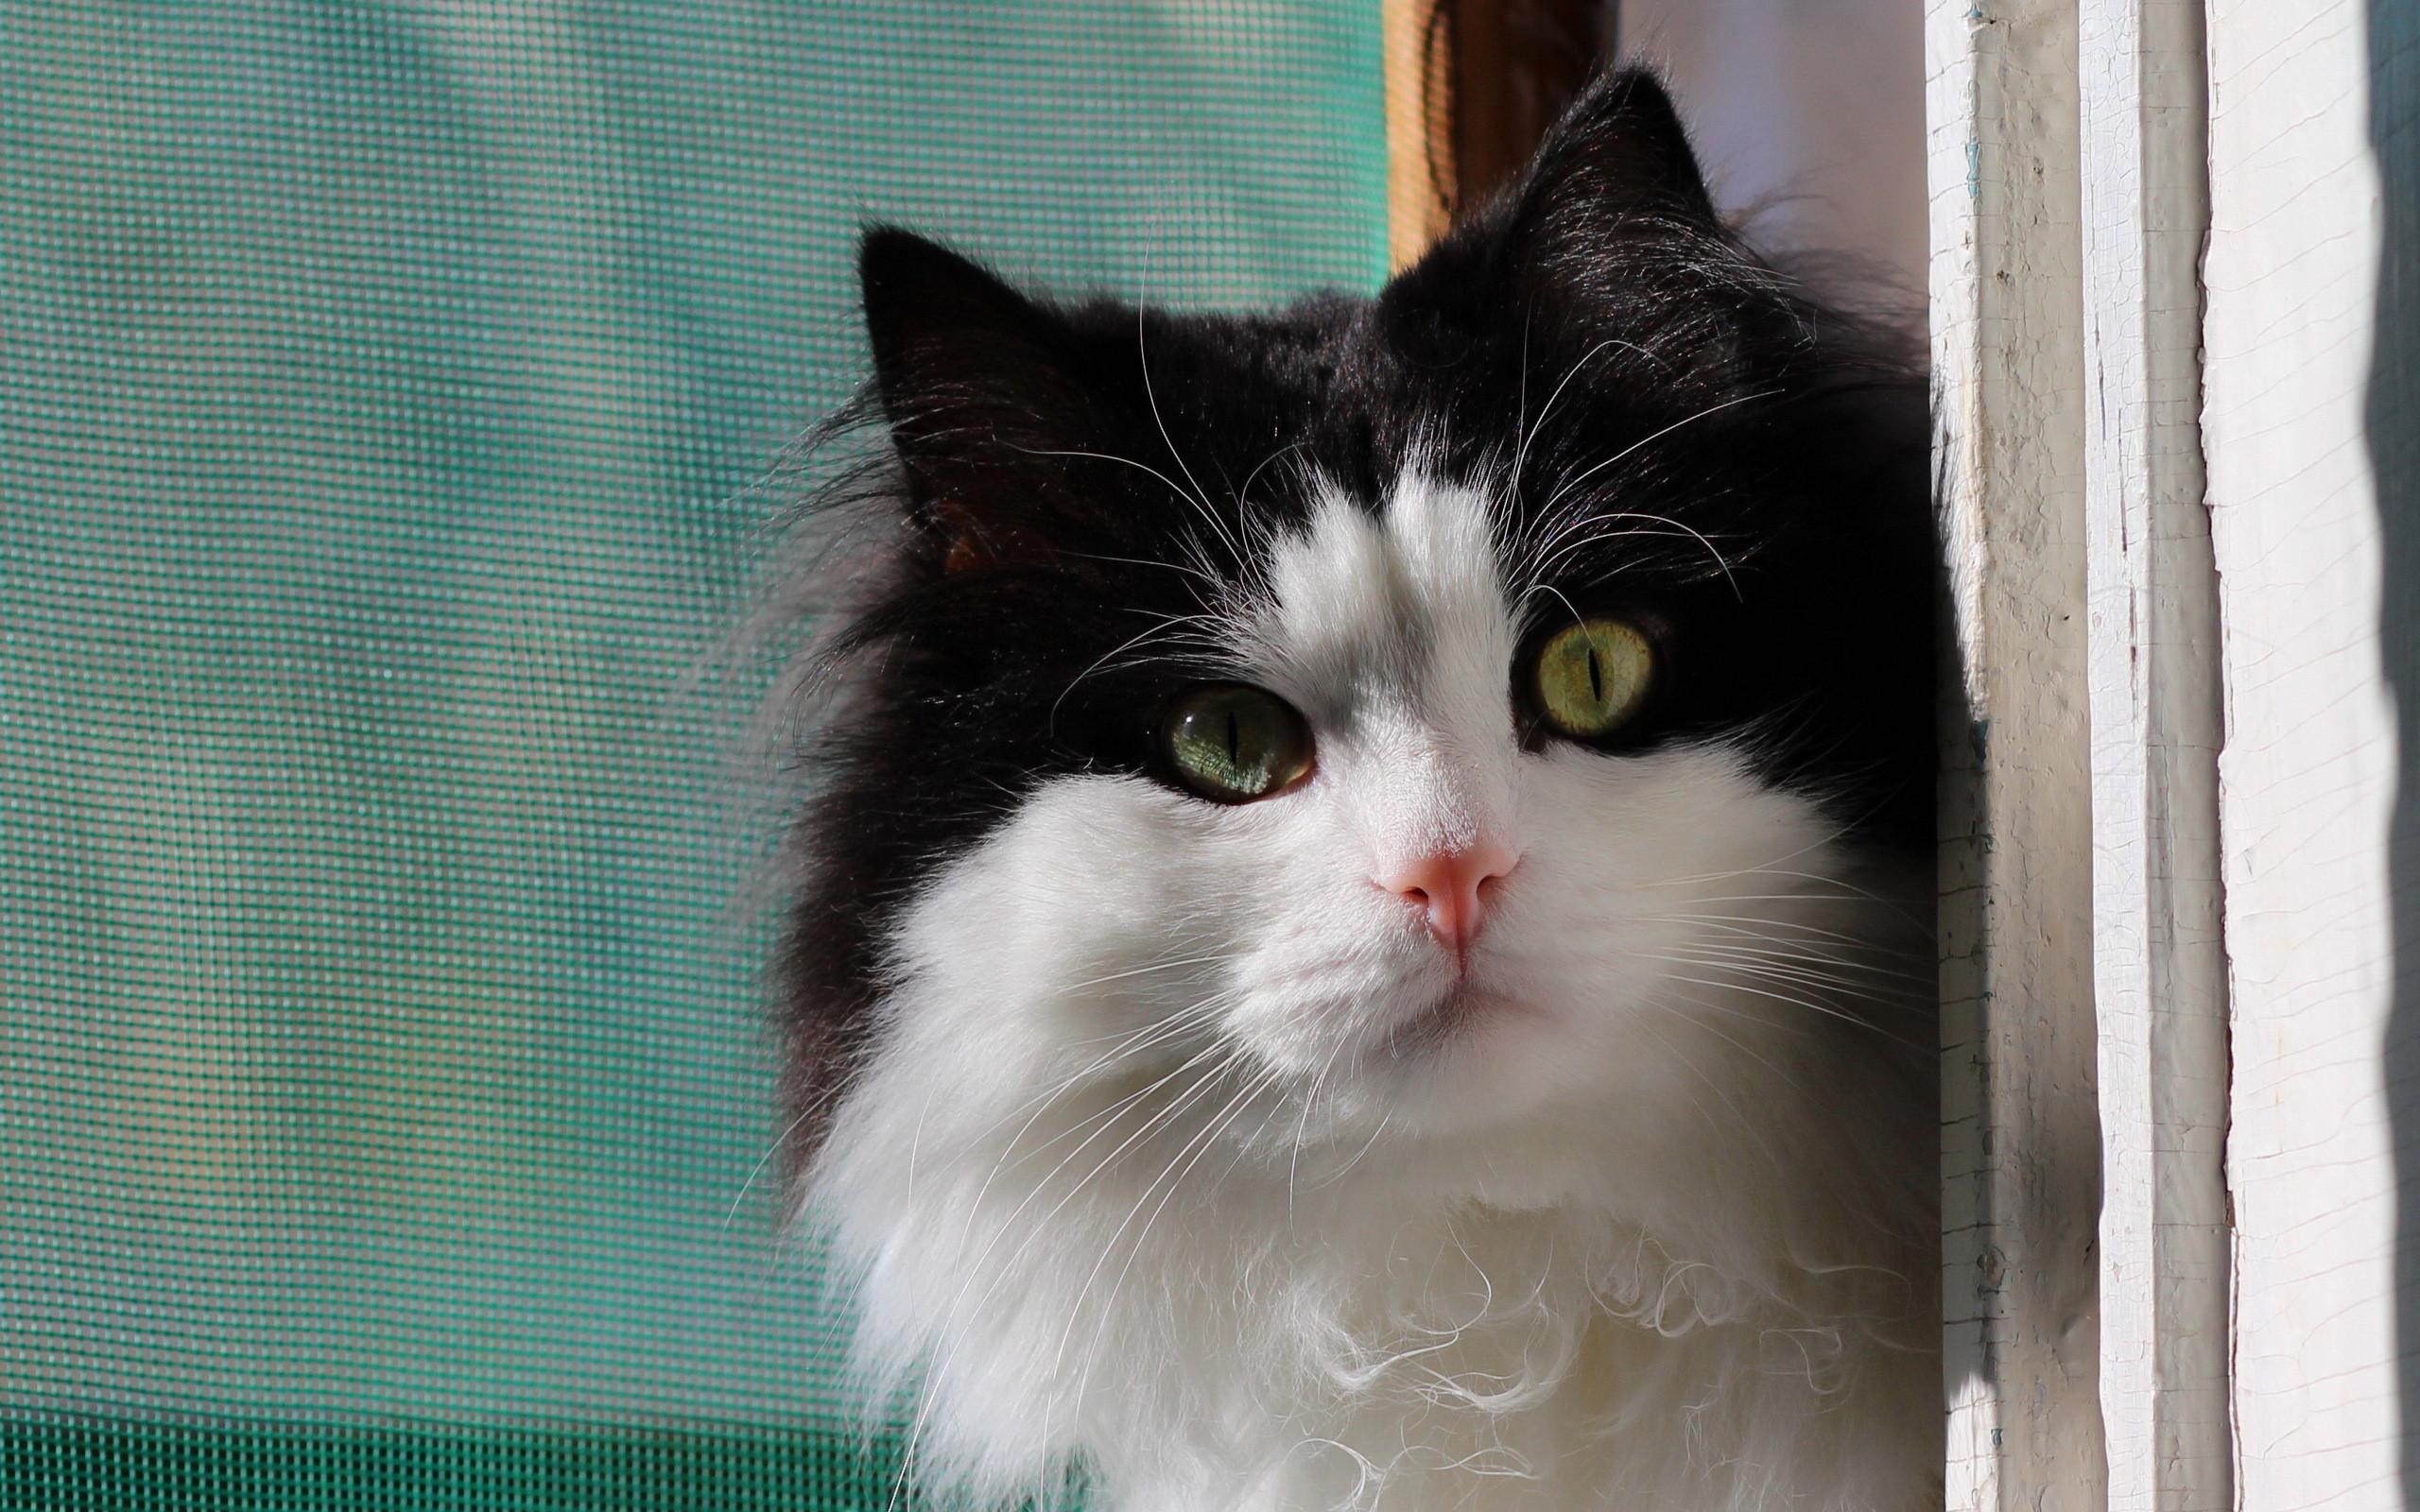 Kittens Wallpaper Black And White